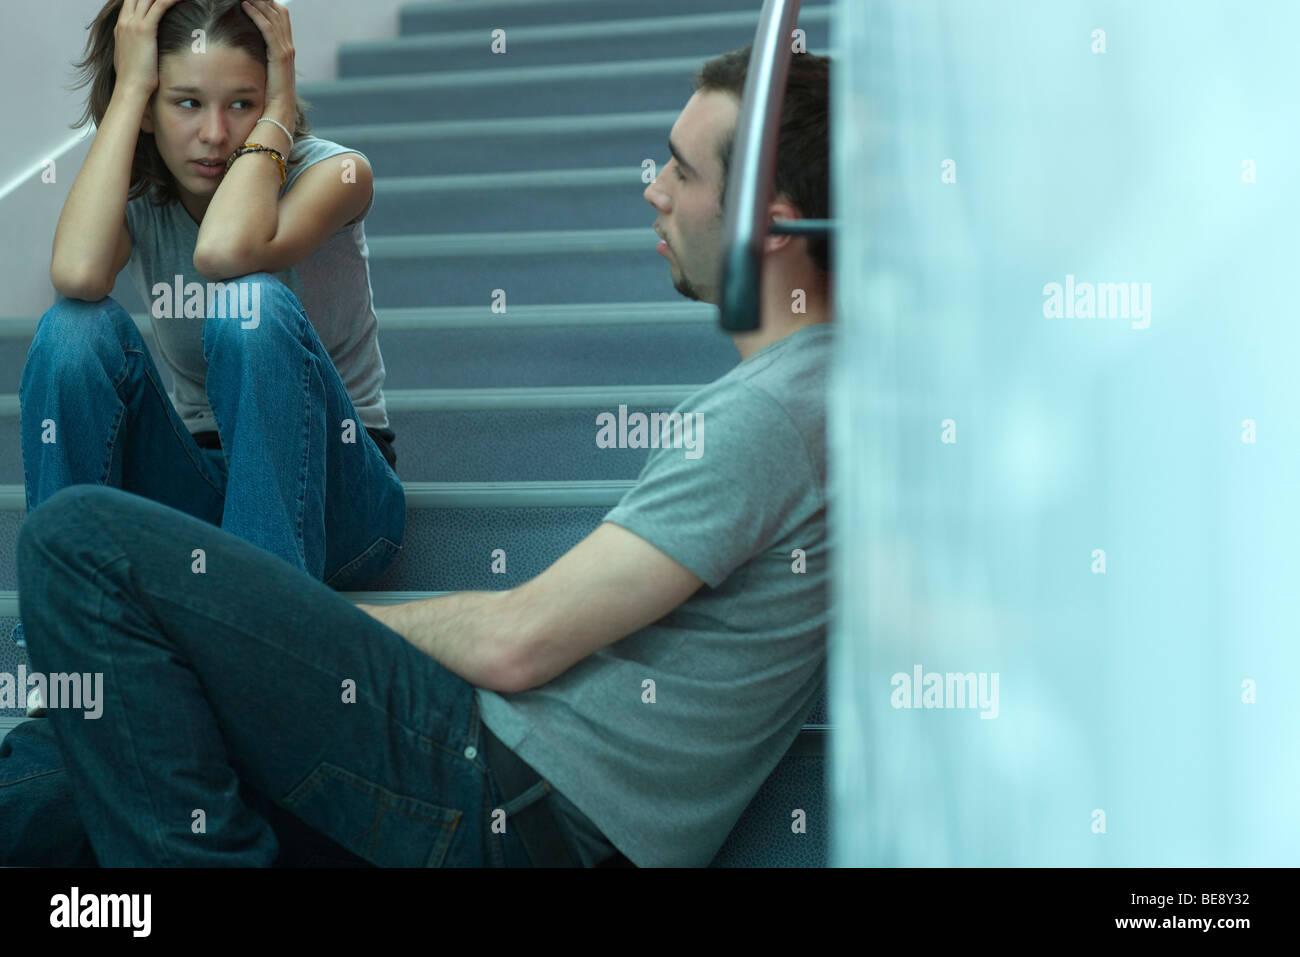 Pareja joven sentado en las escaleras, habiendo tensa conversación Imagen De Stock